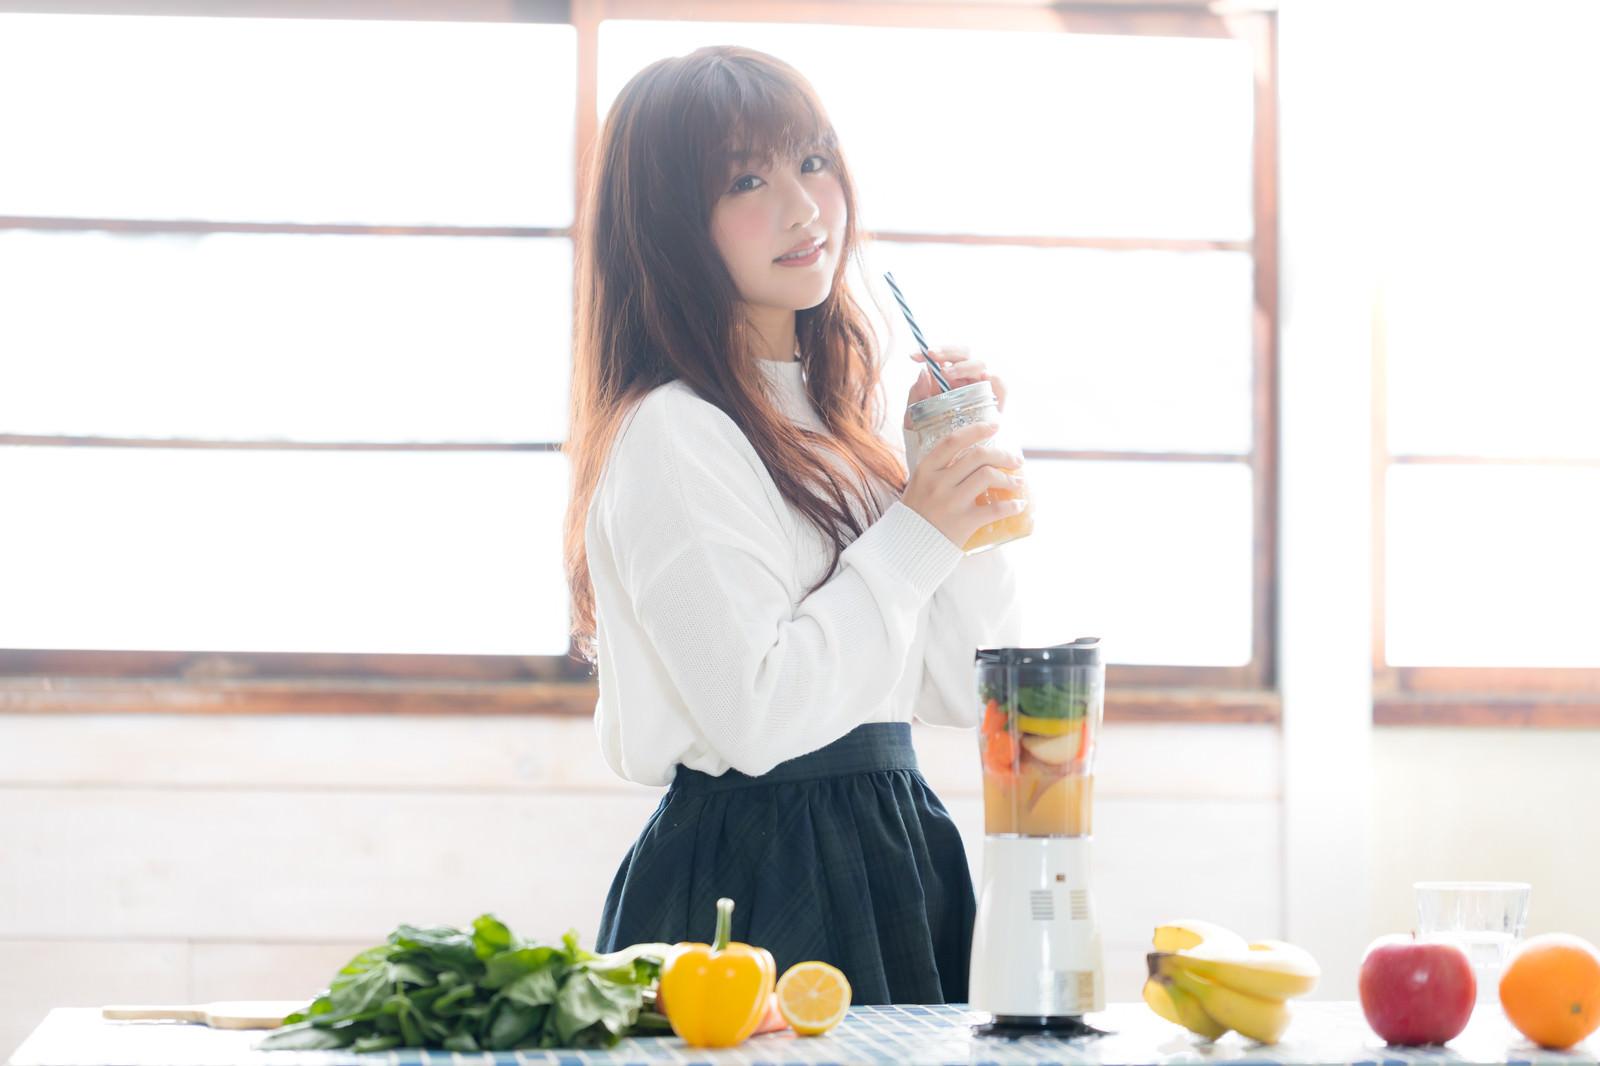 「出来上がったスムージーを飲む女性」の写真[モデル:河村友歌]